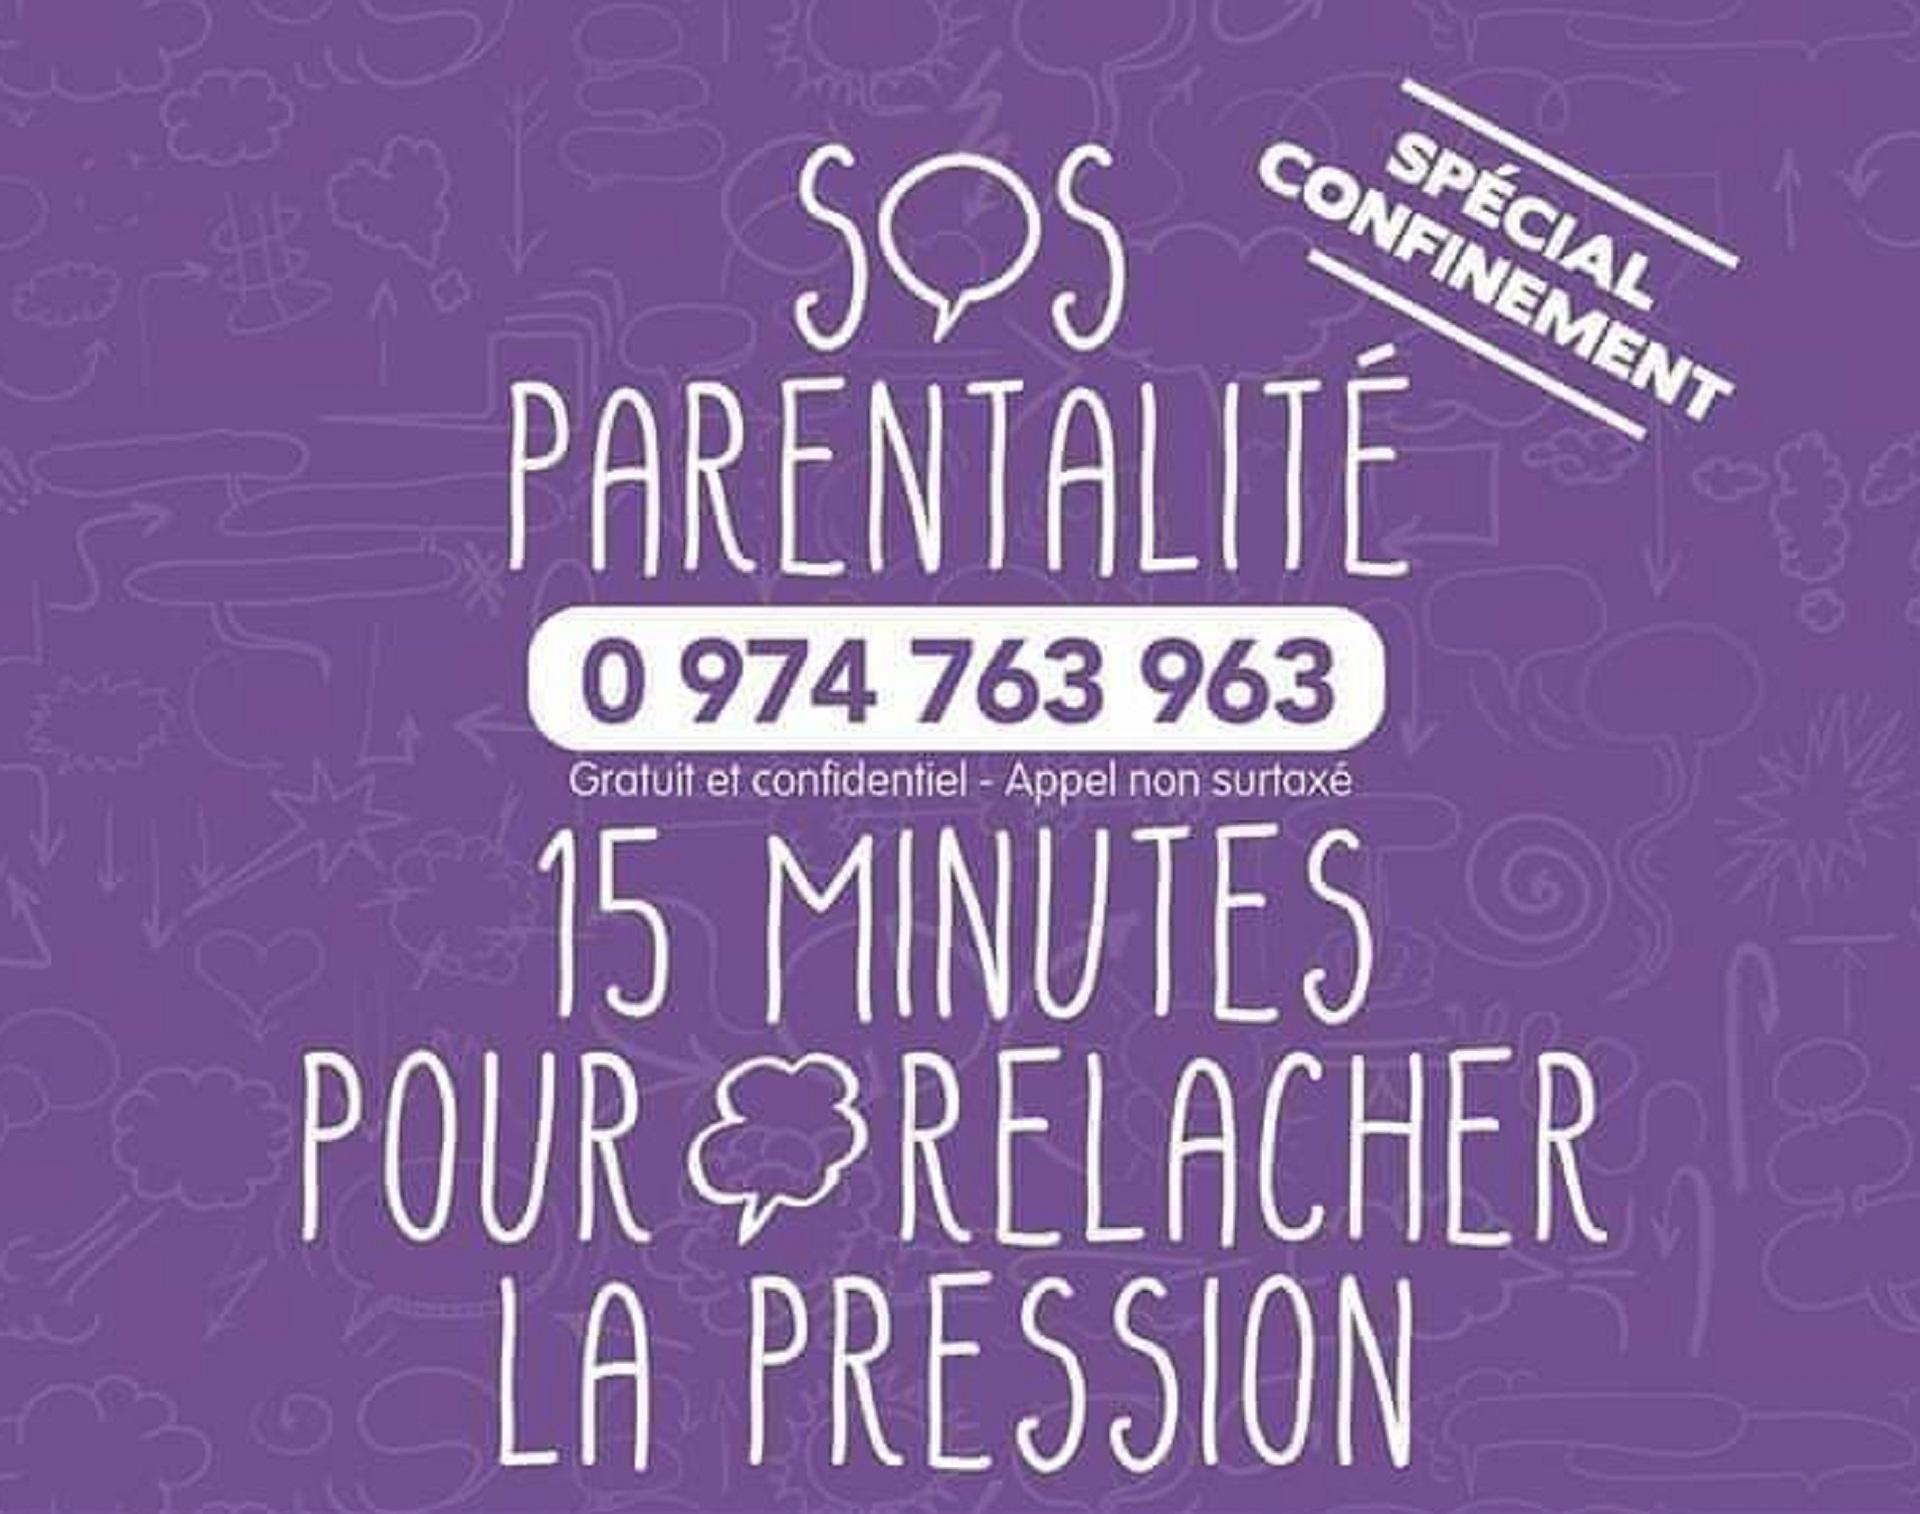 SOS Parentalité. Nouveaux horaires